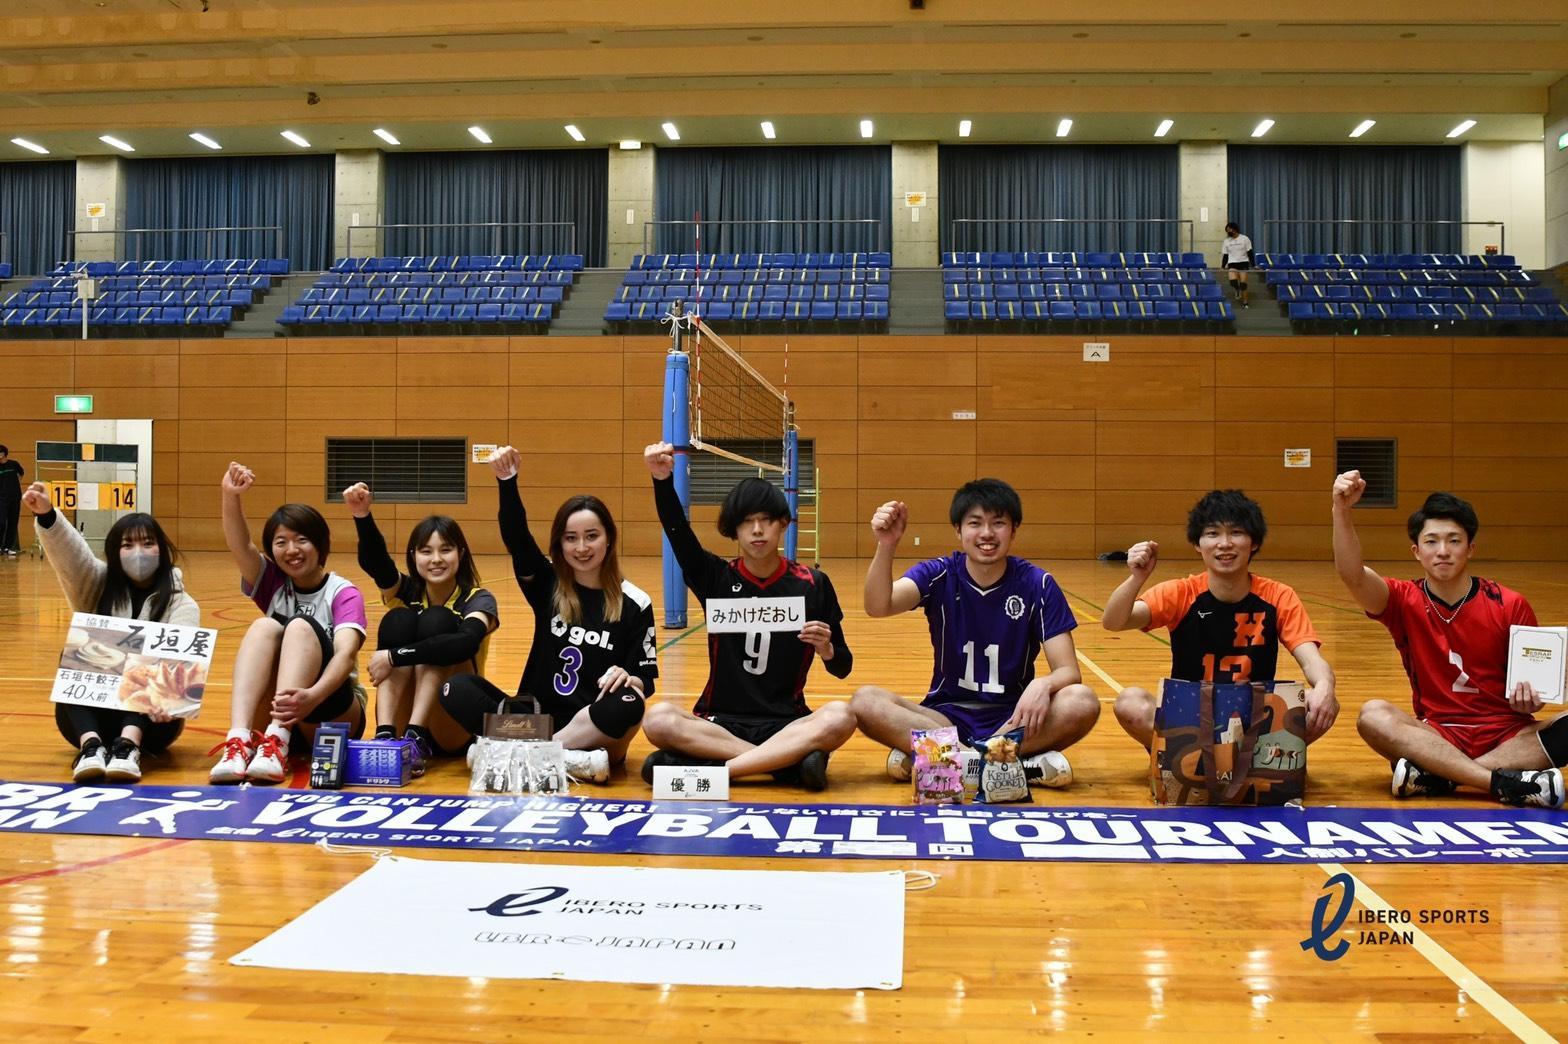 2月7日 KCSセンター杯 第10回 混合バレーボールオープン大会